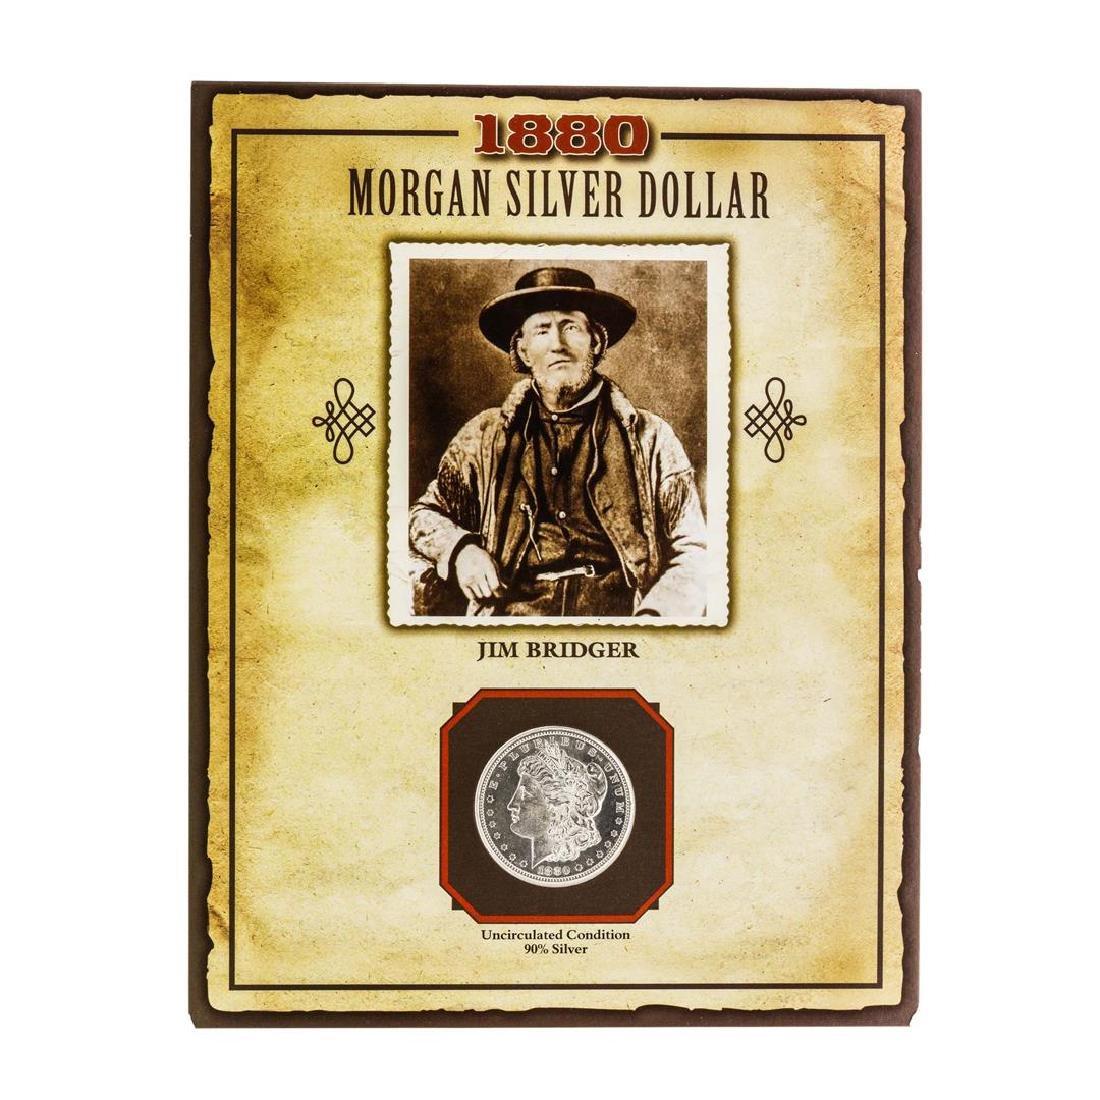 1880-S $1 Morgan Silver Dollar Coin with Jim Bridger